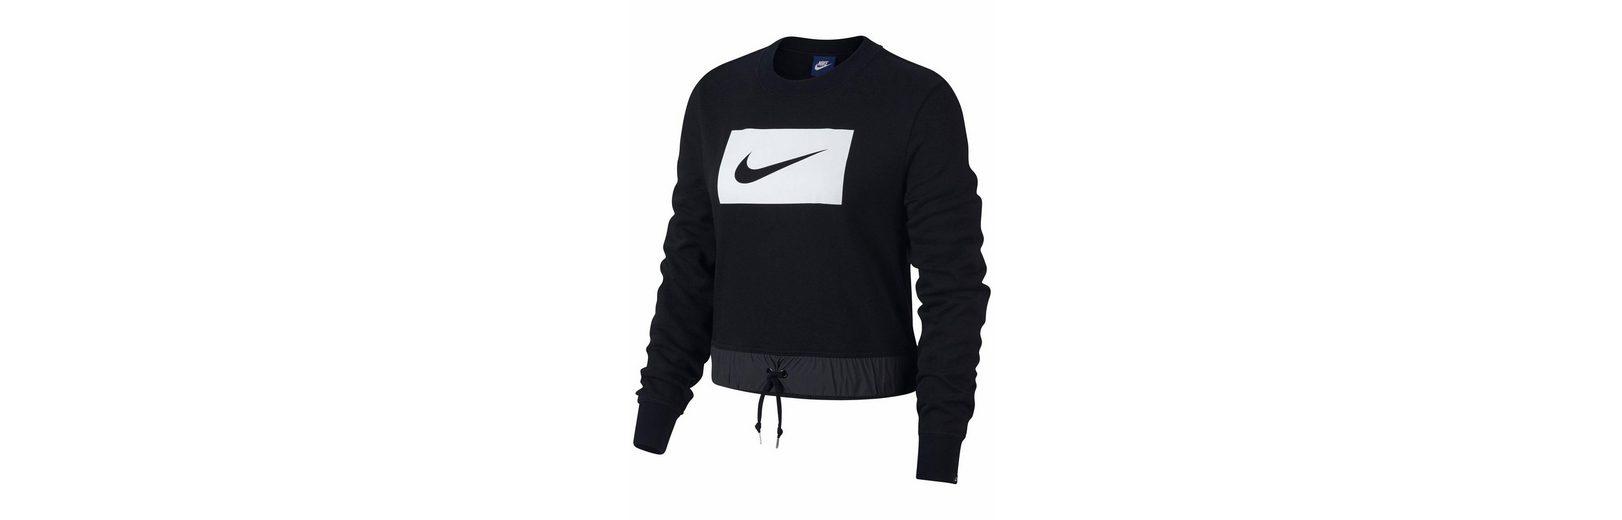 Billig Verkauf Footlocker Billig Footlocker Nike Sportswear Sweatshirt NSW CREW CROP SWSH Verkauf Online-Shop Günstige Preise Freie Verschiffen-Angebote FjWy5o60bx